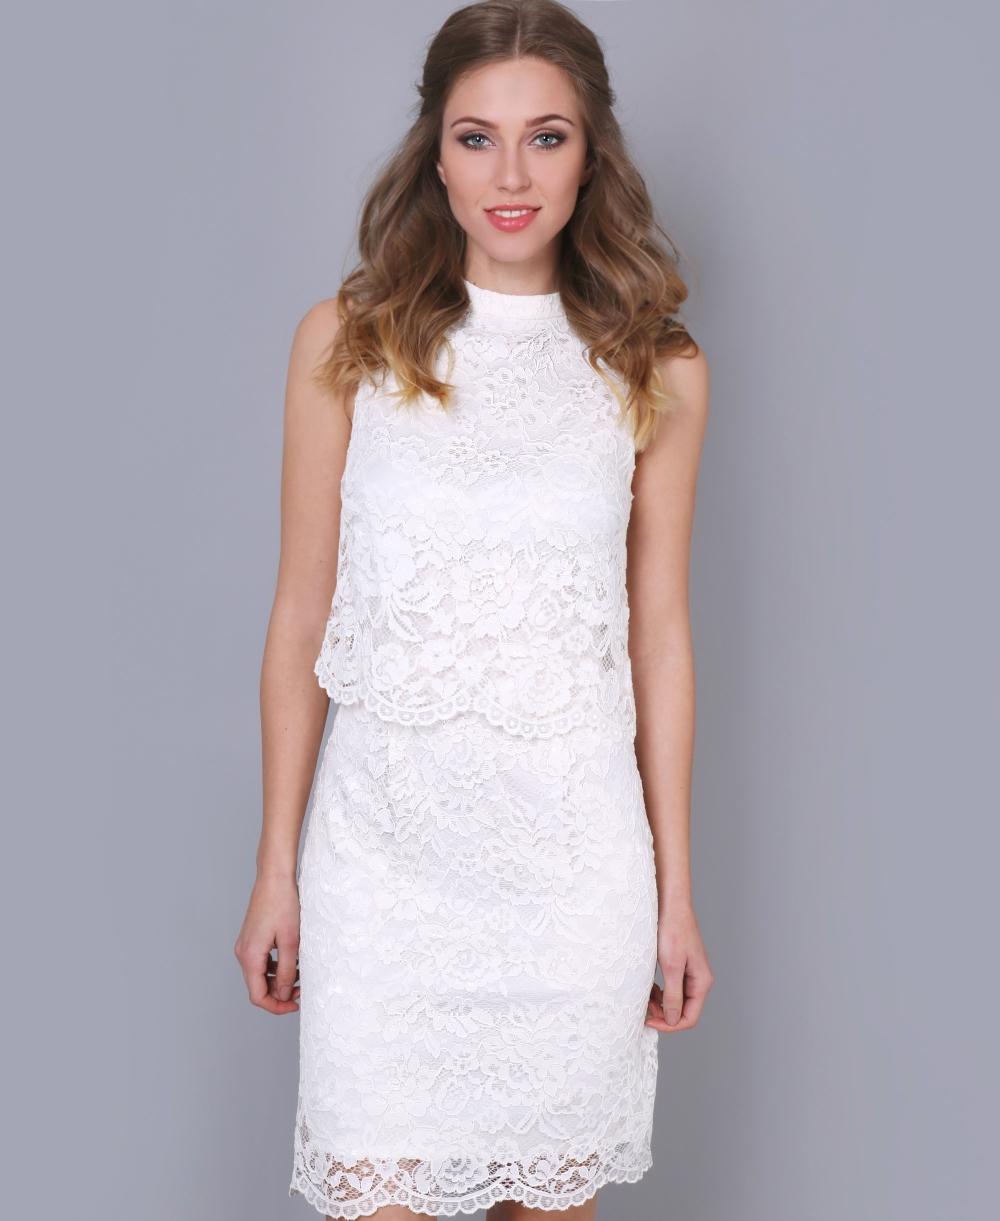 fbf25bb634 Scalloped Hem Layered Lace Dress